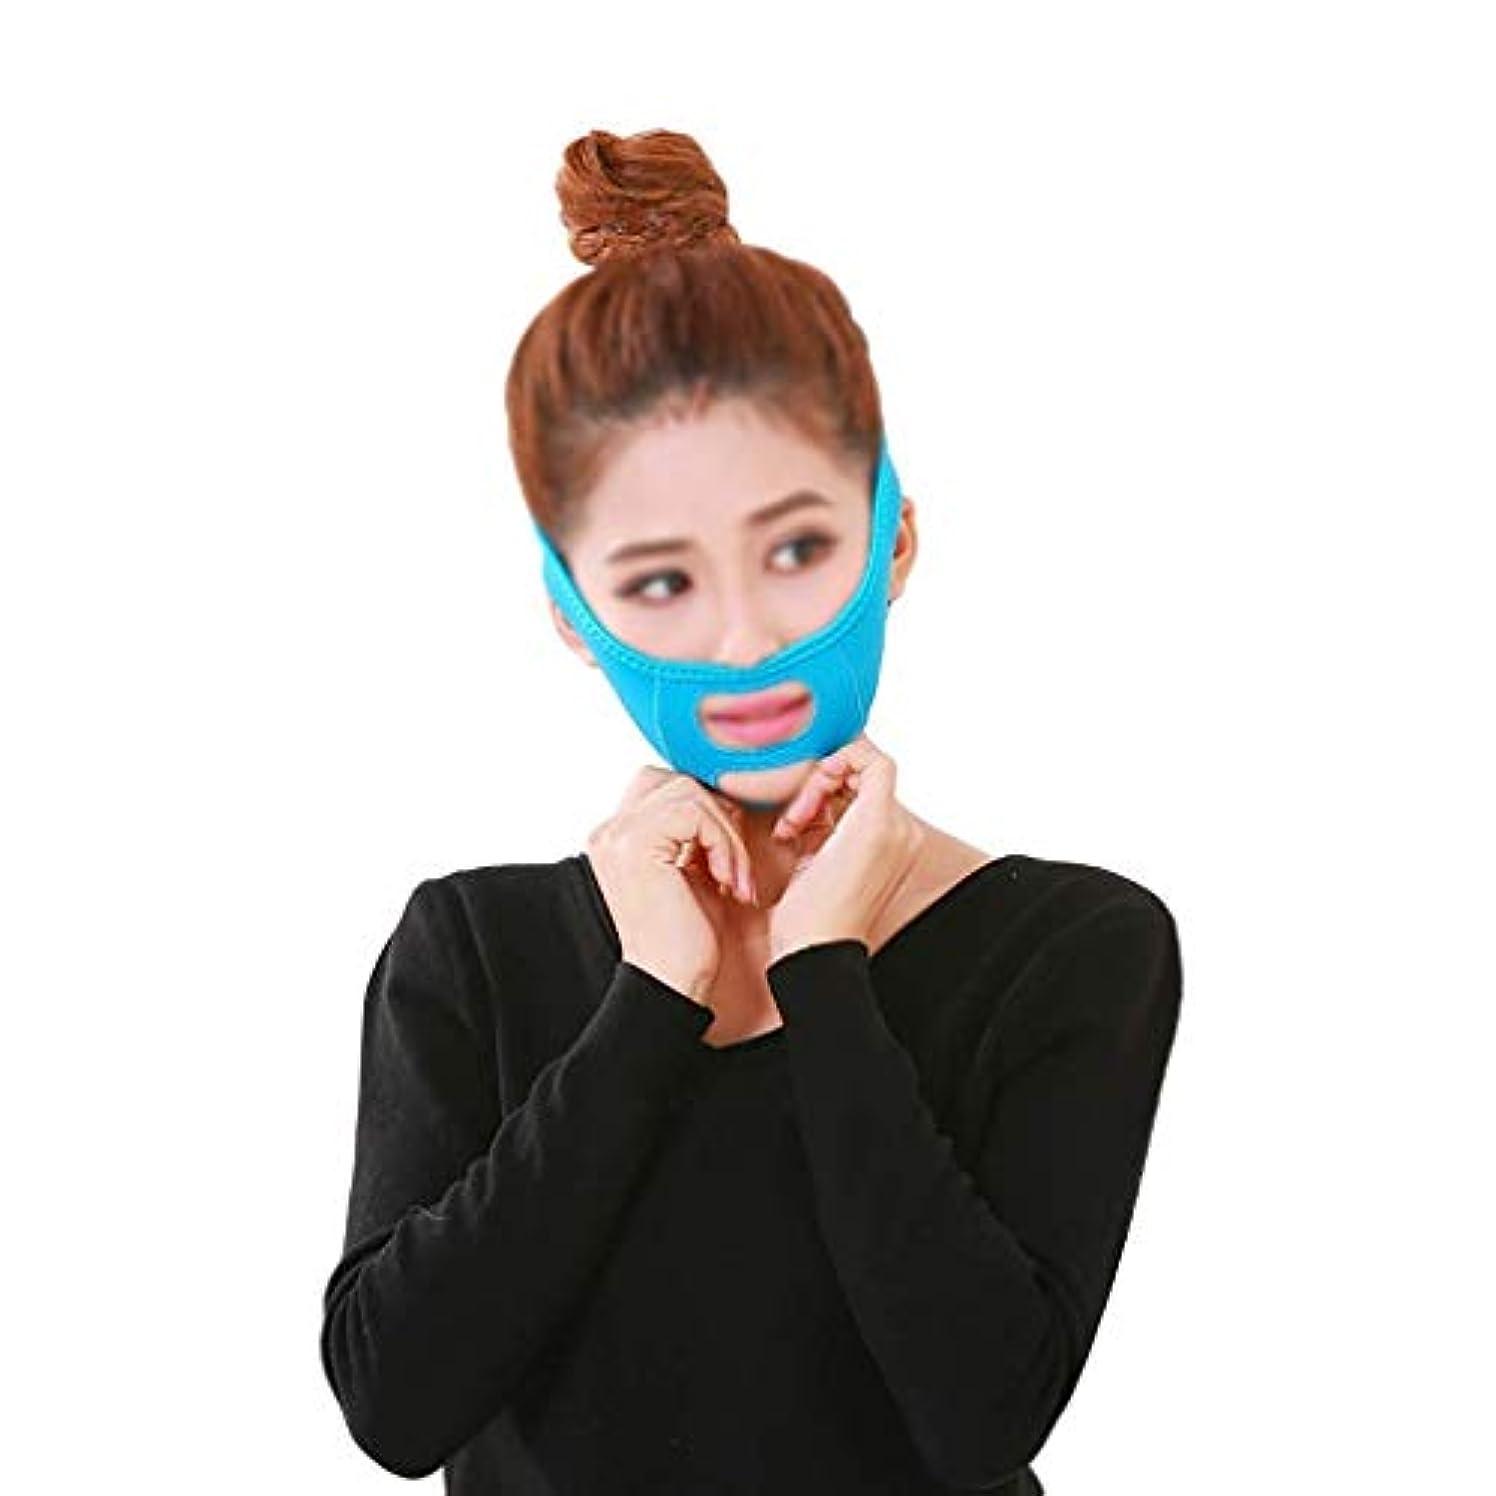 忘れる図ホールドフェイスリフトフェイシャル、肌のリラクゼーションを防ぐためのタイトなVフェイスマスクVフェイスアーティファクトフェイスリフトバンデージフェイスケア(色:青)